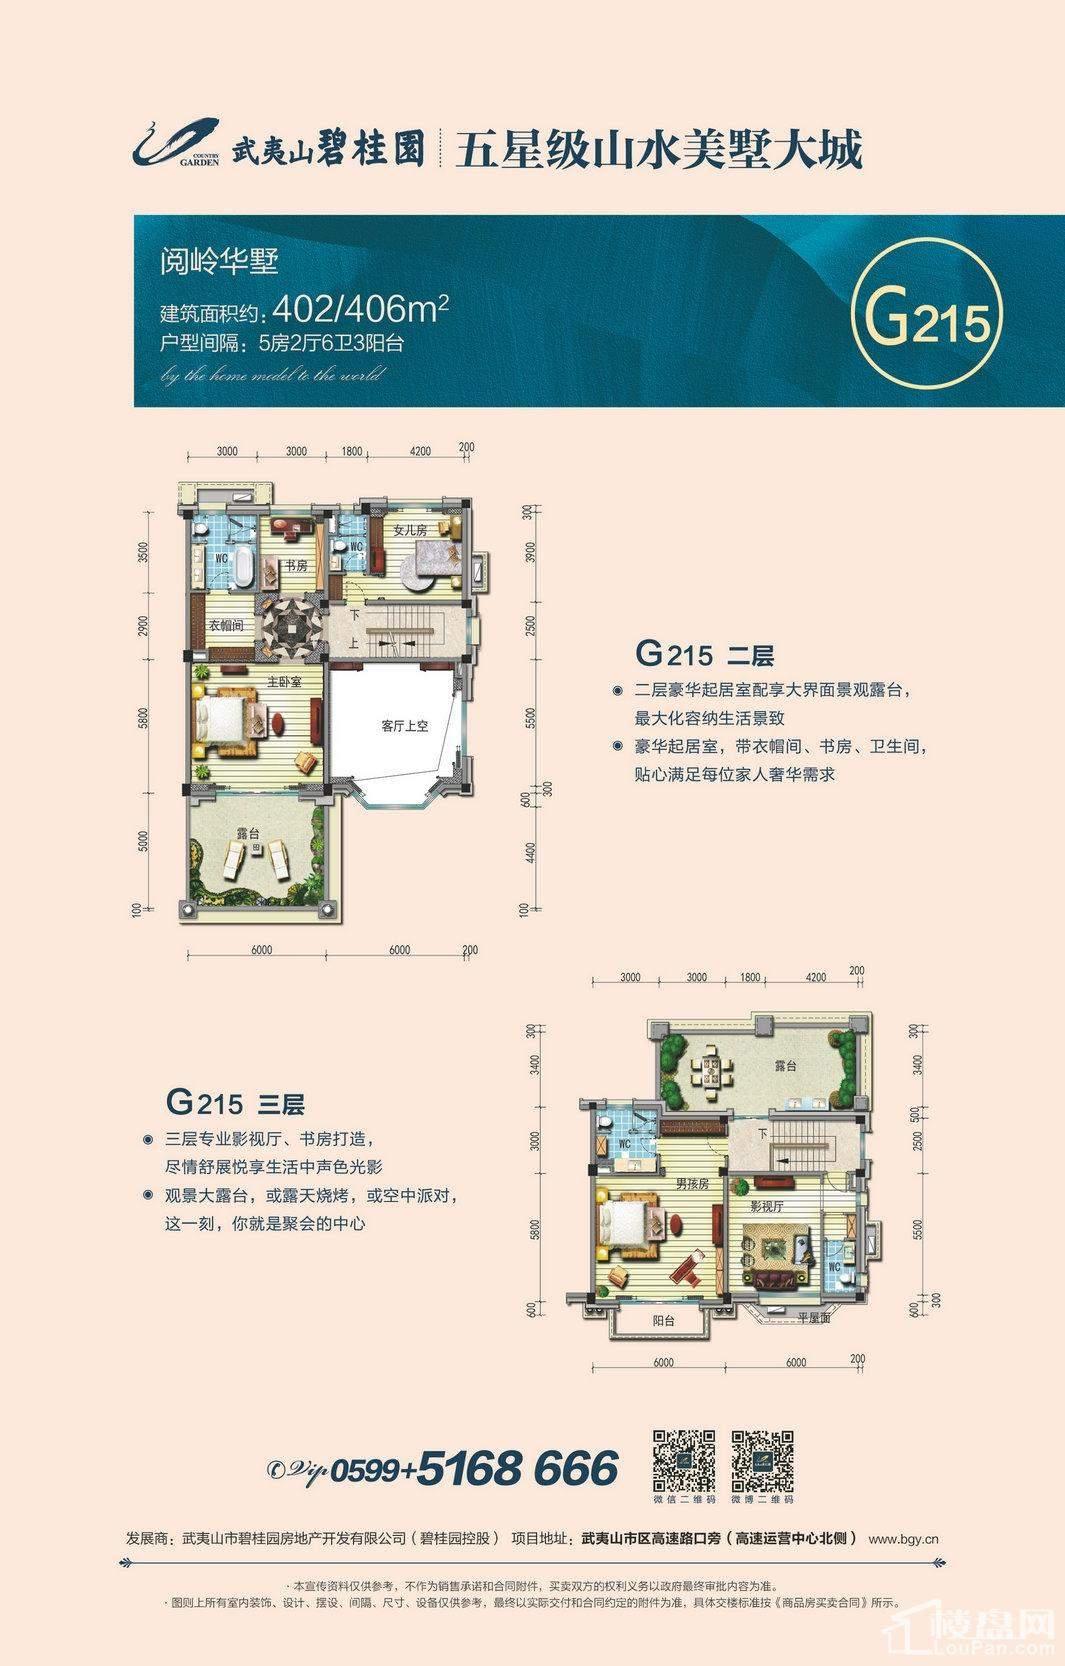 G215-2 阅岭华墅